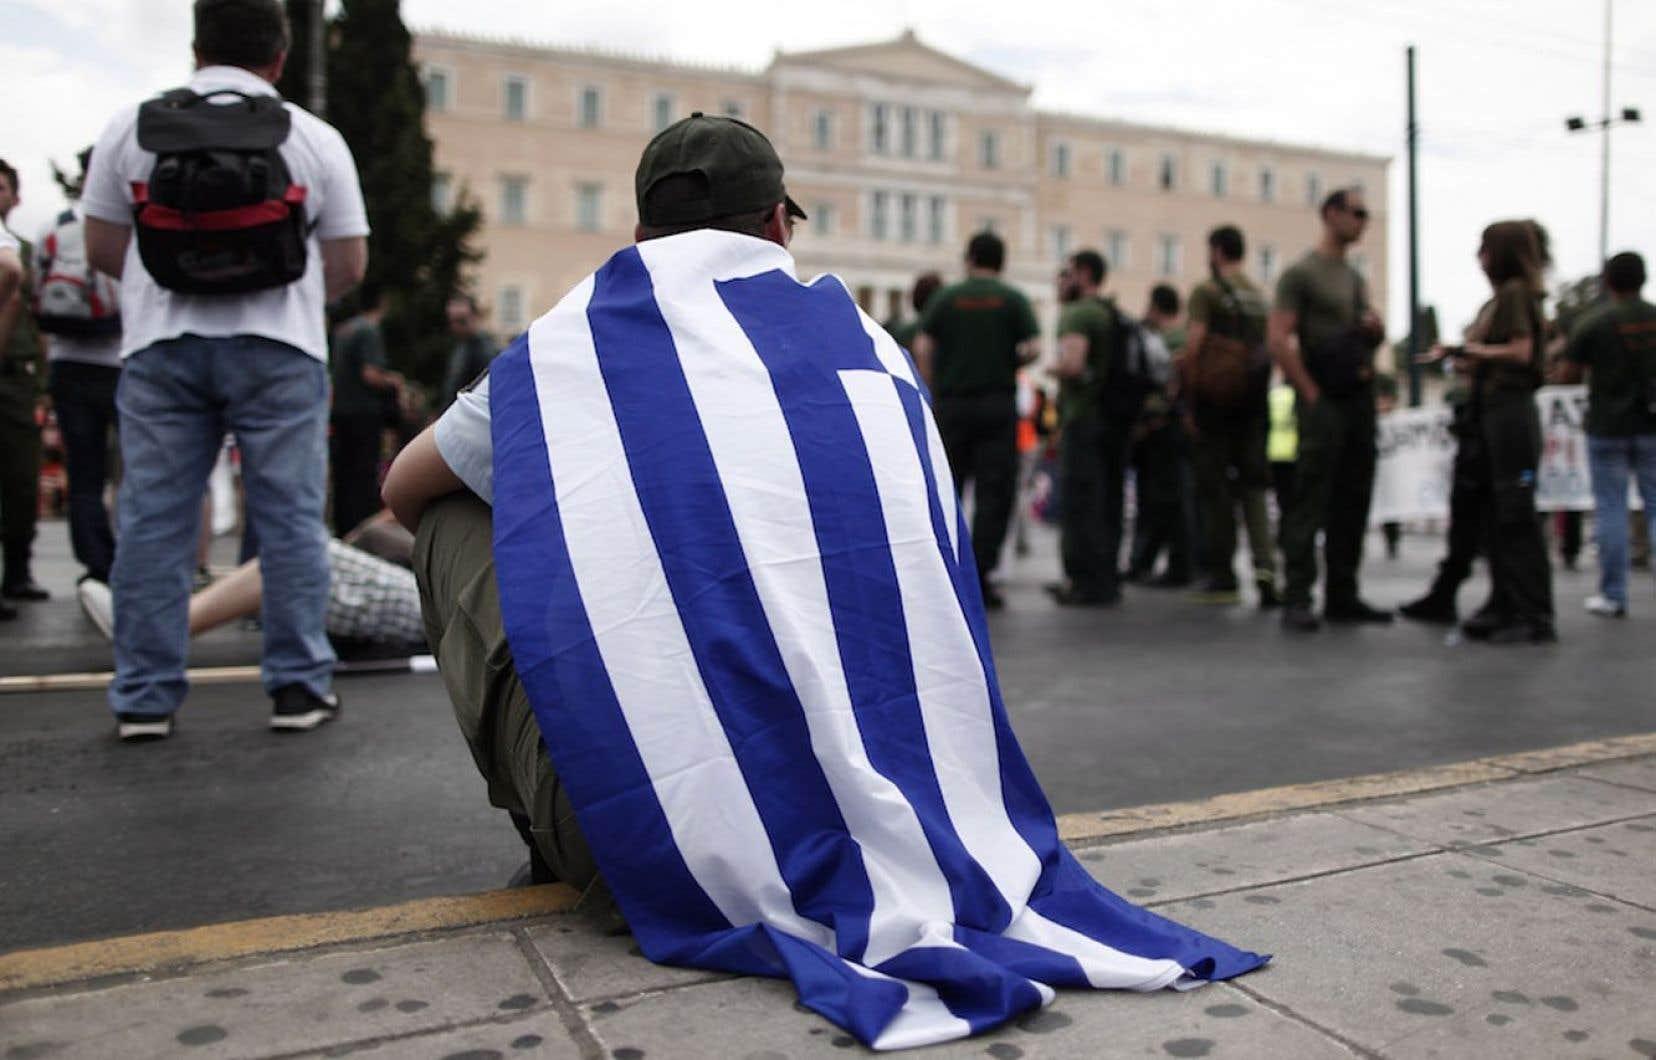 Le peloton des pays affichant un endettement public supérieur à 100 % de leur PIB est mené par la Grèce. Sur la photo, une manifestation contre les mesures d'austérité s'est tenue la semaine dernière à Athènes.